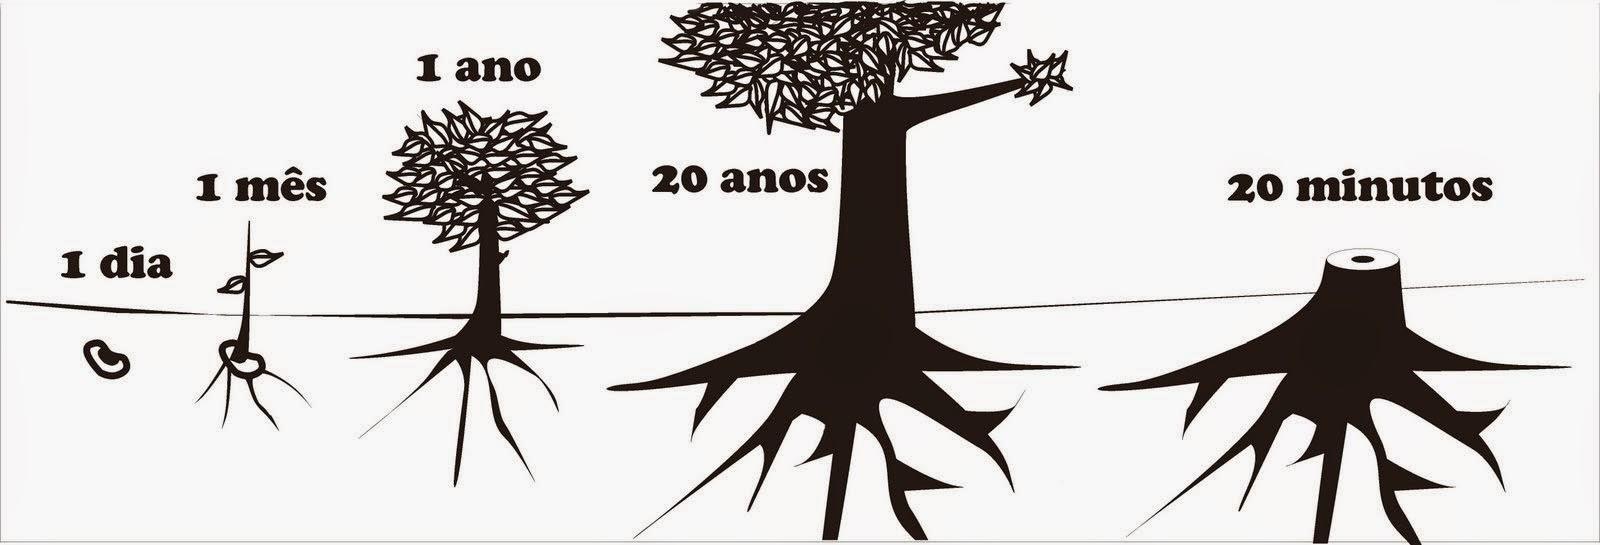 Preservação do meio ambiente Tiago F. Moralles -  Poesia Concreta